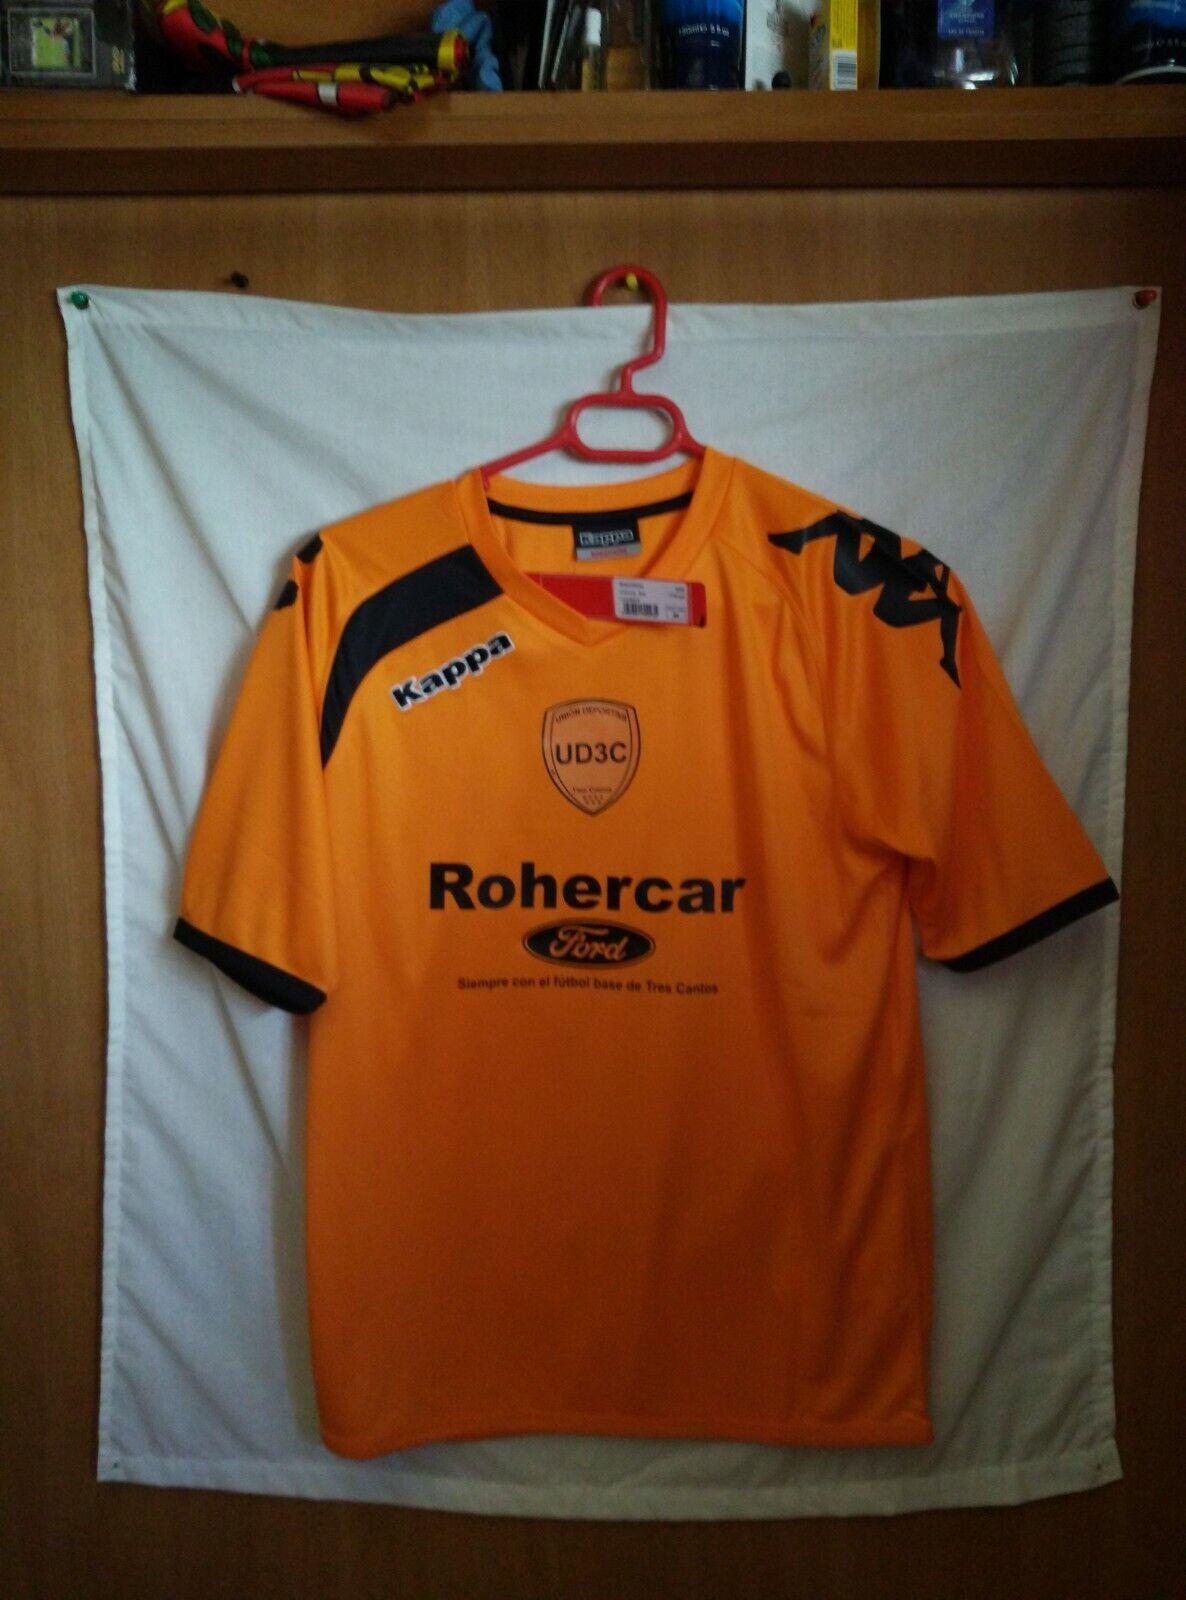 Nueva a estrenar   Original   Camiseta de futbol   Diuominiione M   UD Tres Cantos